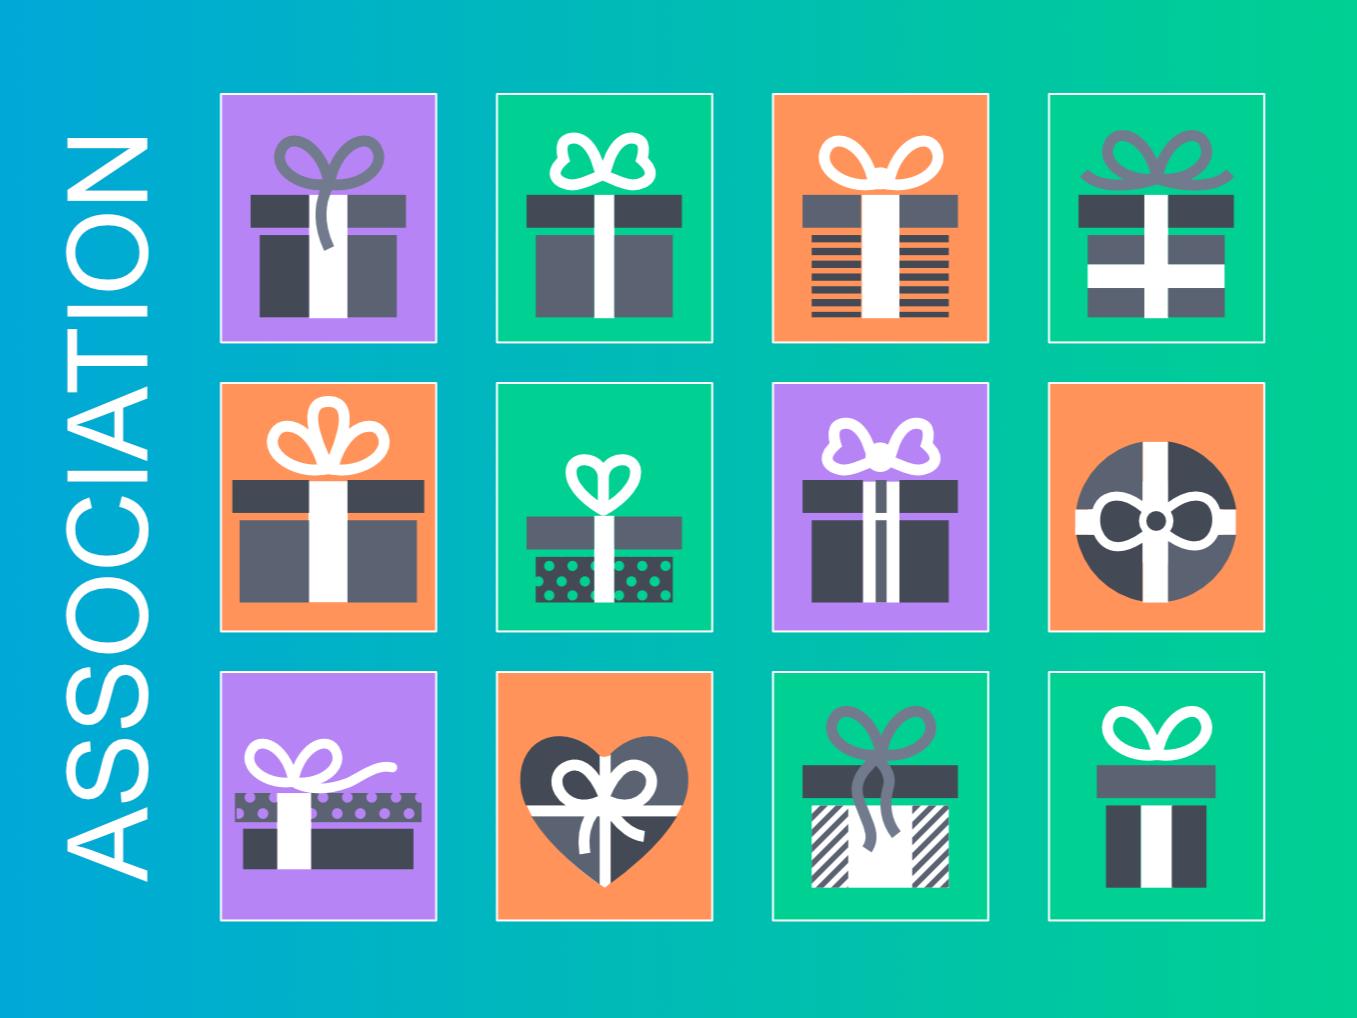 Asso. de commerçants, zone d'activité et réseaux, votre liste d'idées cadeaux en ligne